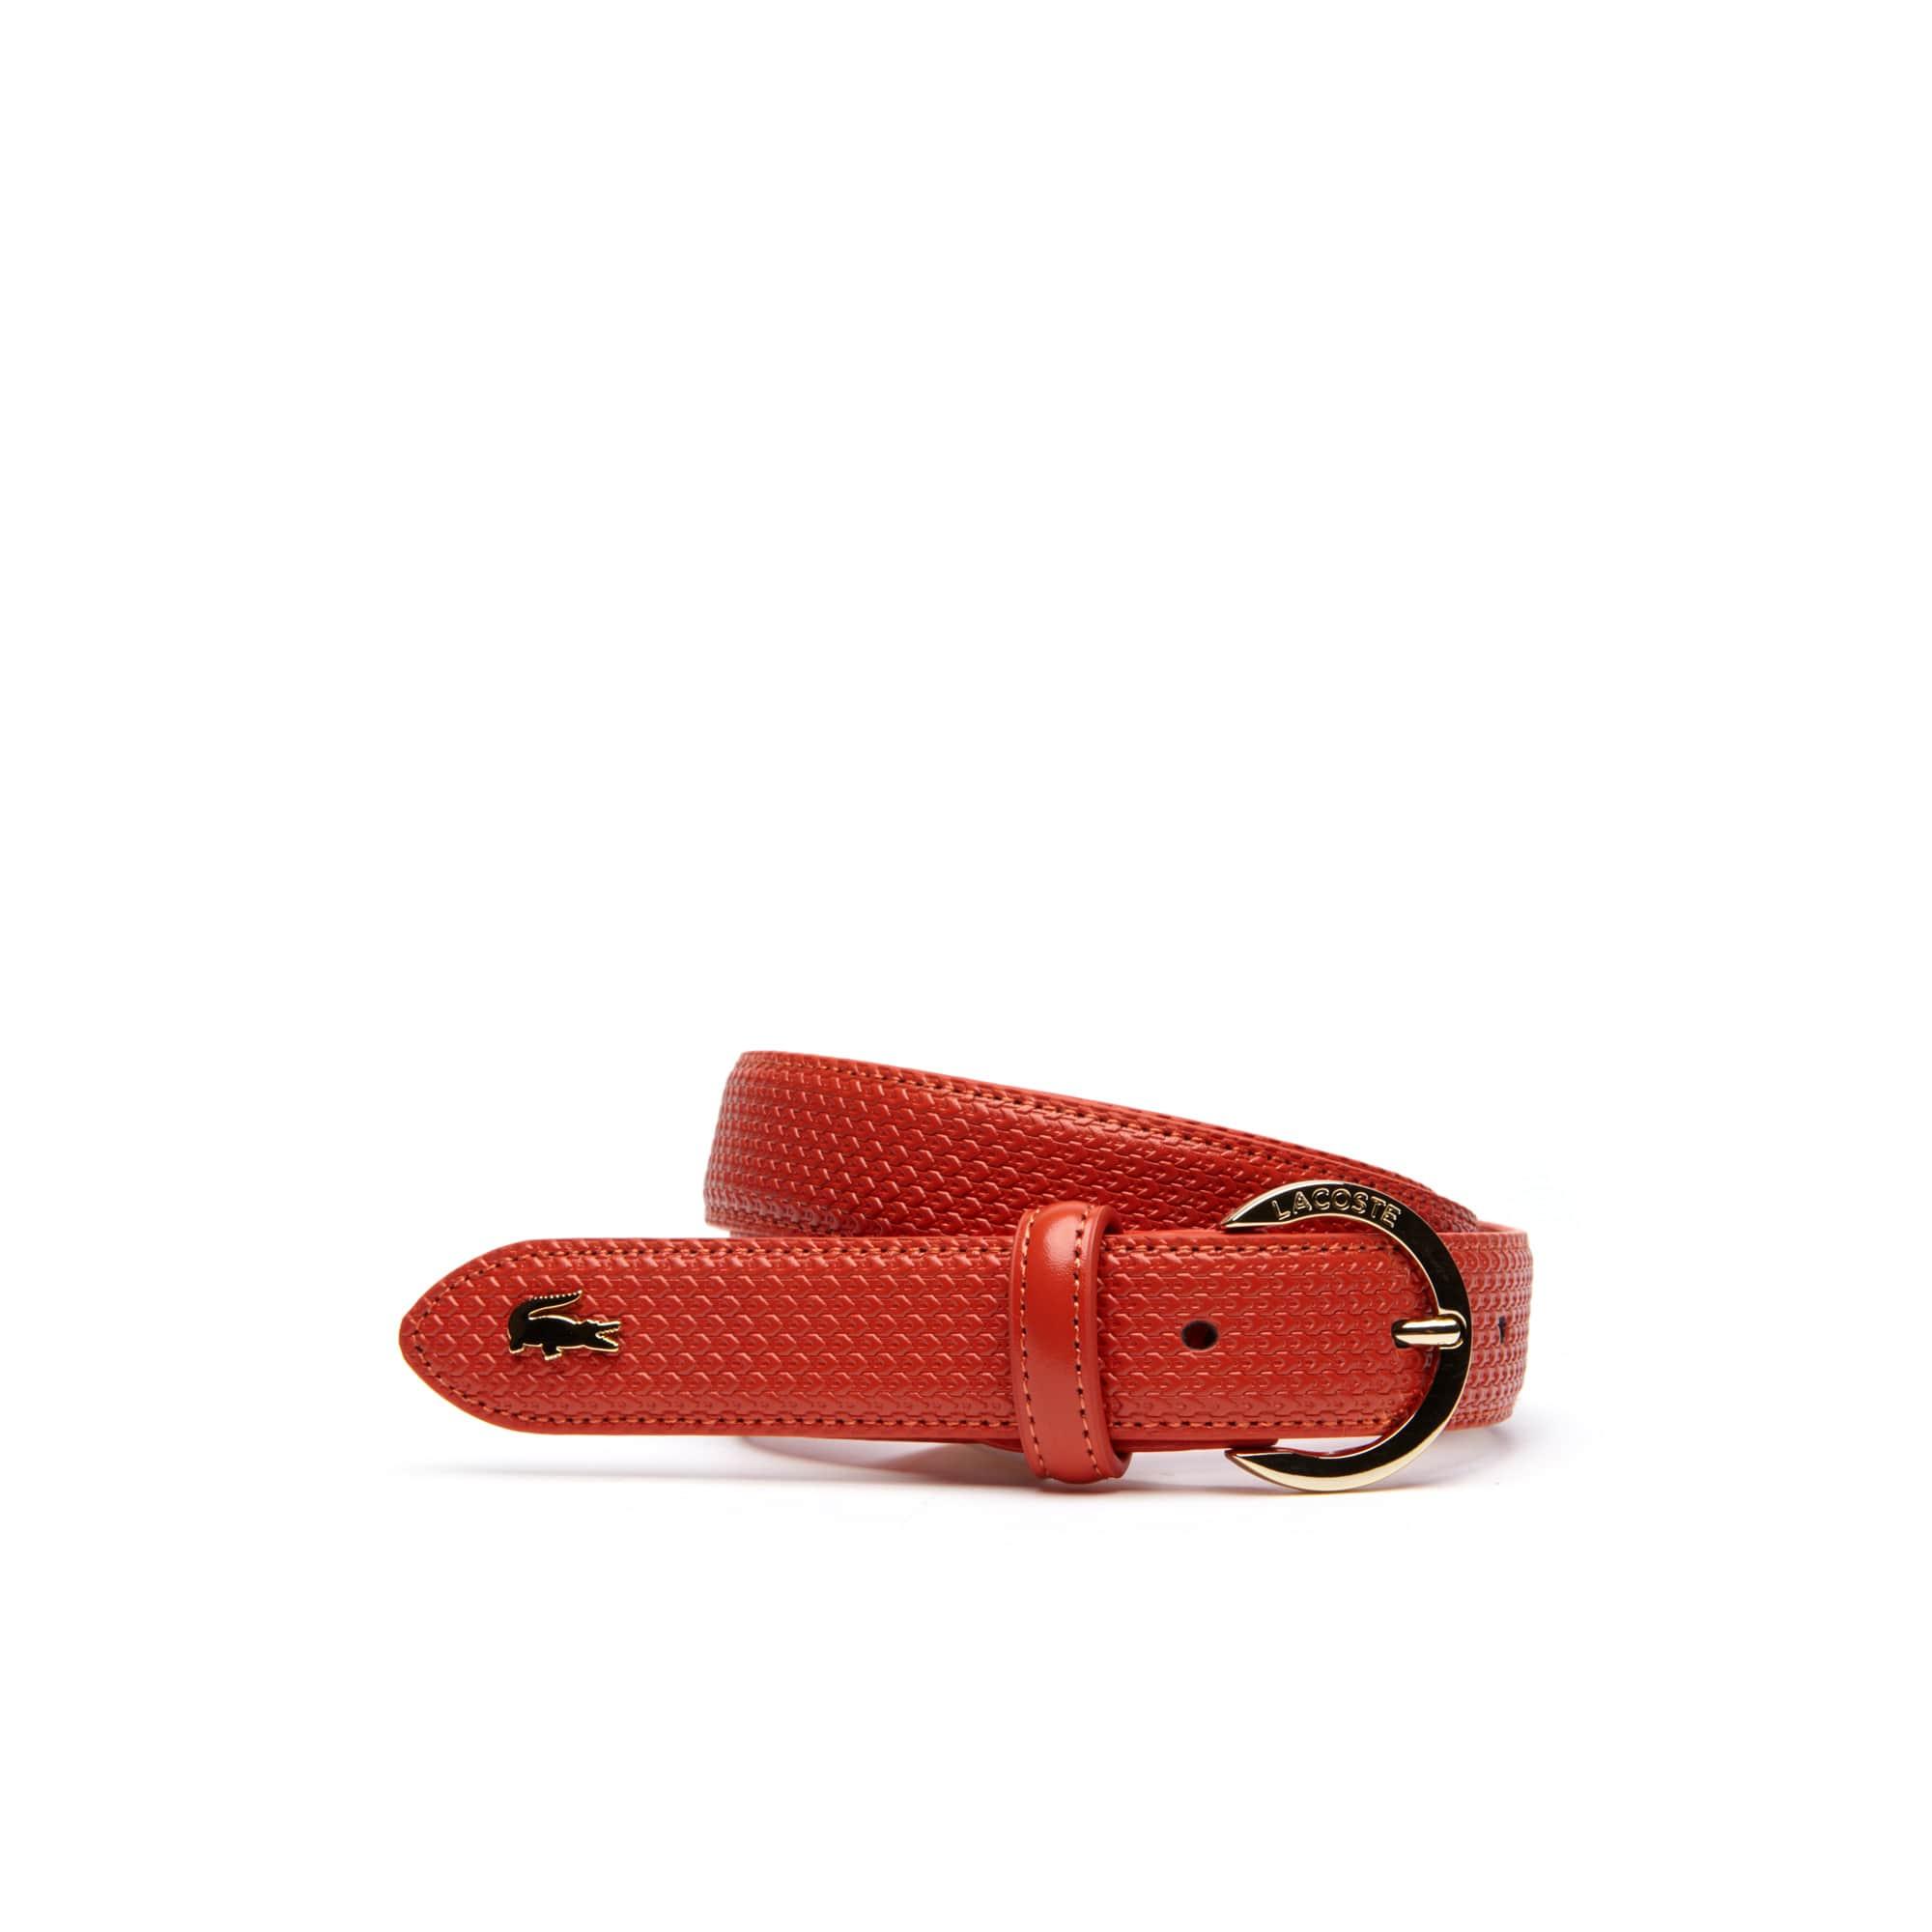 Cinturón De Piel Chancato Con Hebilla Redonda Grabada Lacoste